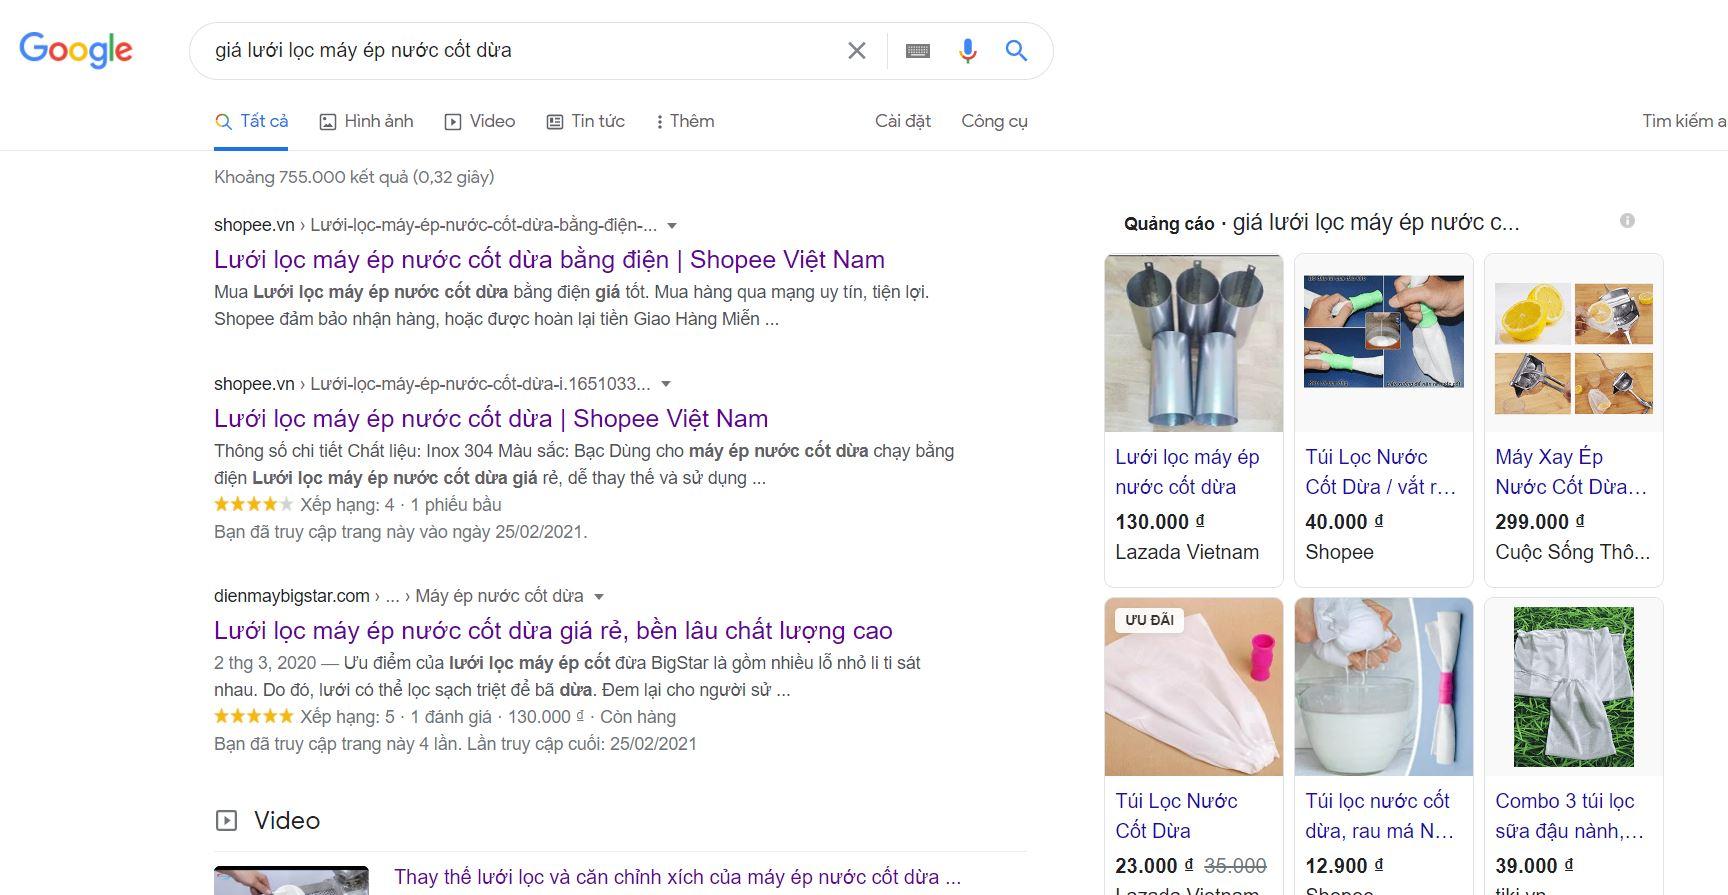 search giá lưới lọc máy ép nước cốt dừa trên google